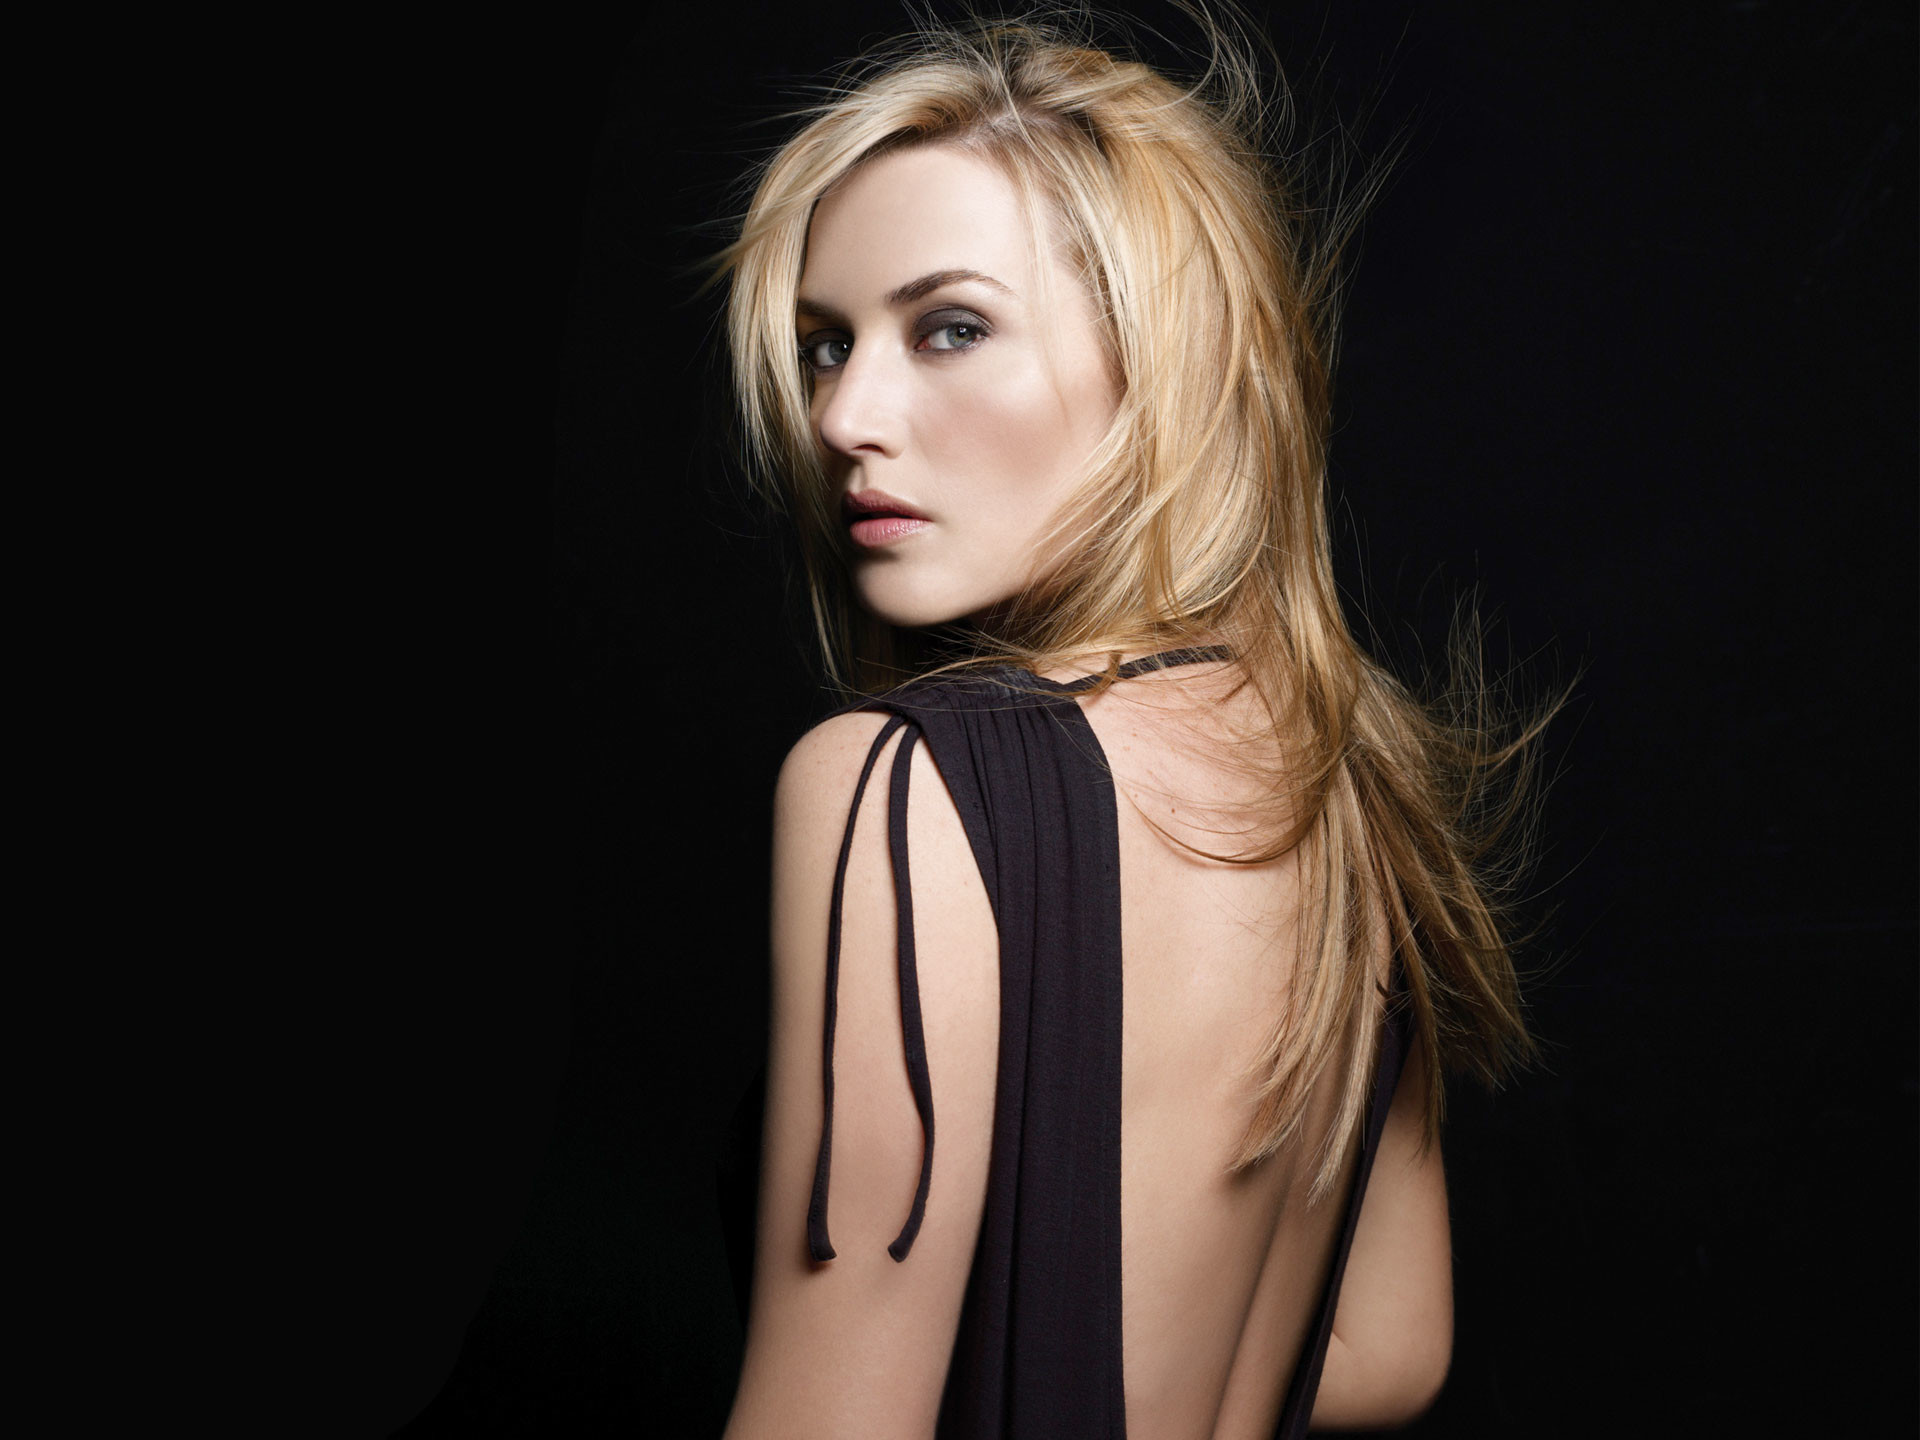 Hot Celebrity Kate Winslet